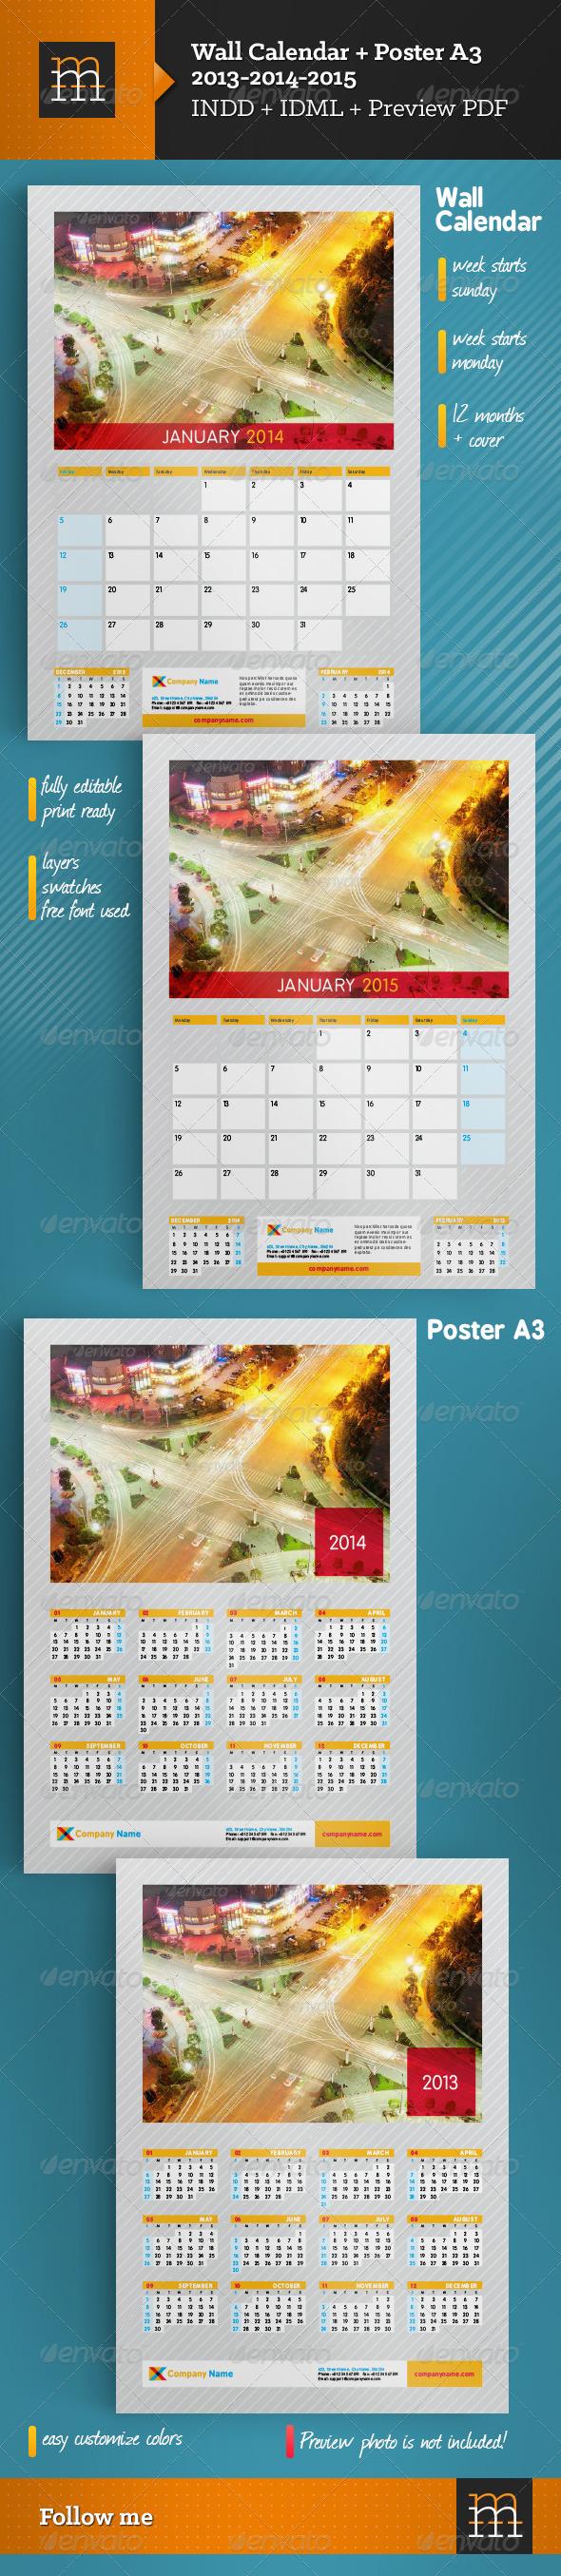 Wall Calendar & Poster A3 2013-2014-2015